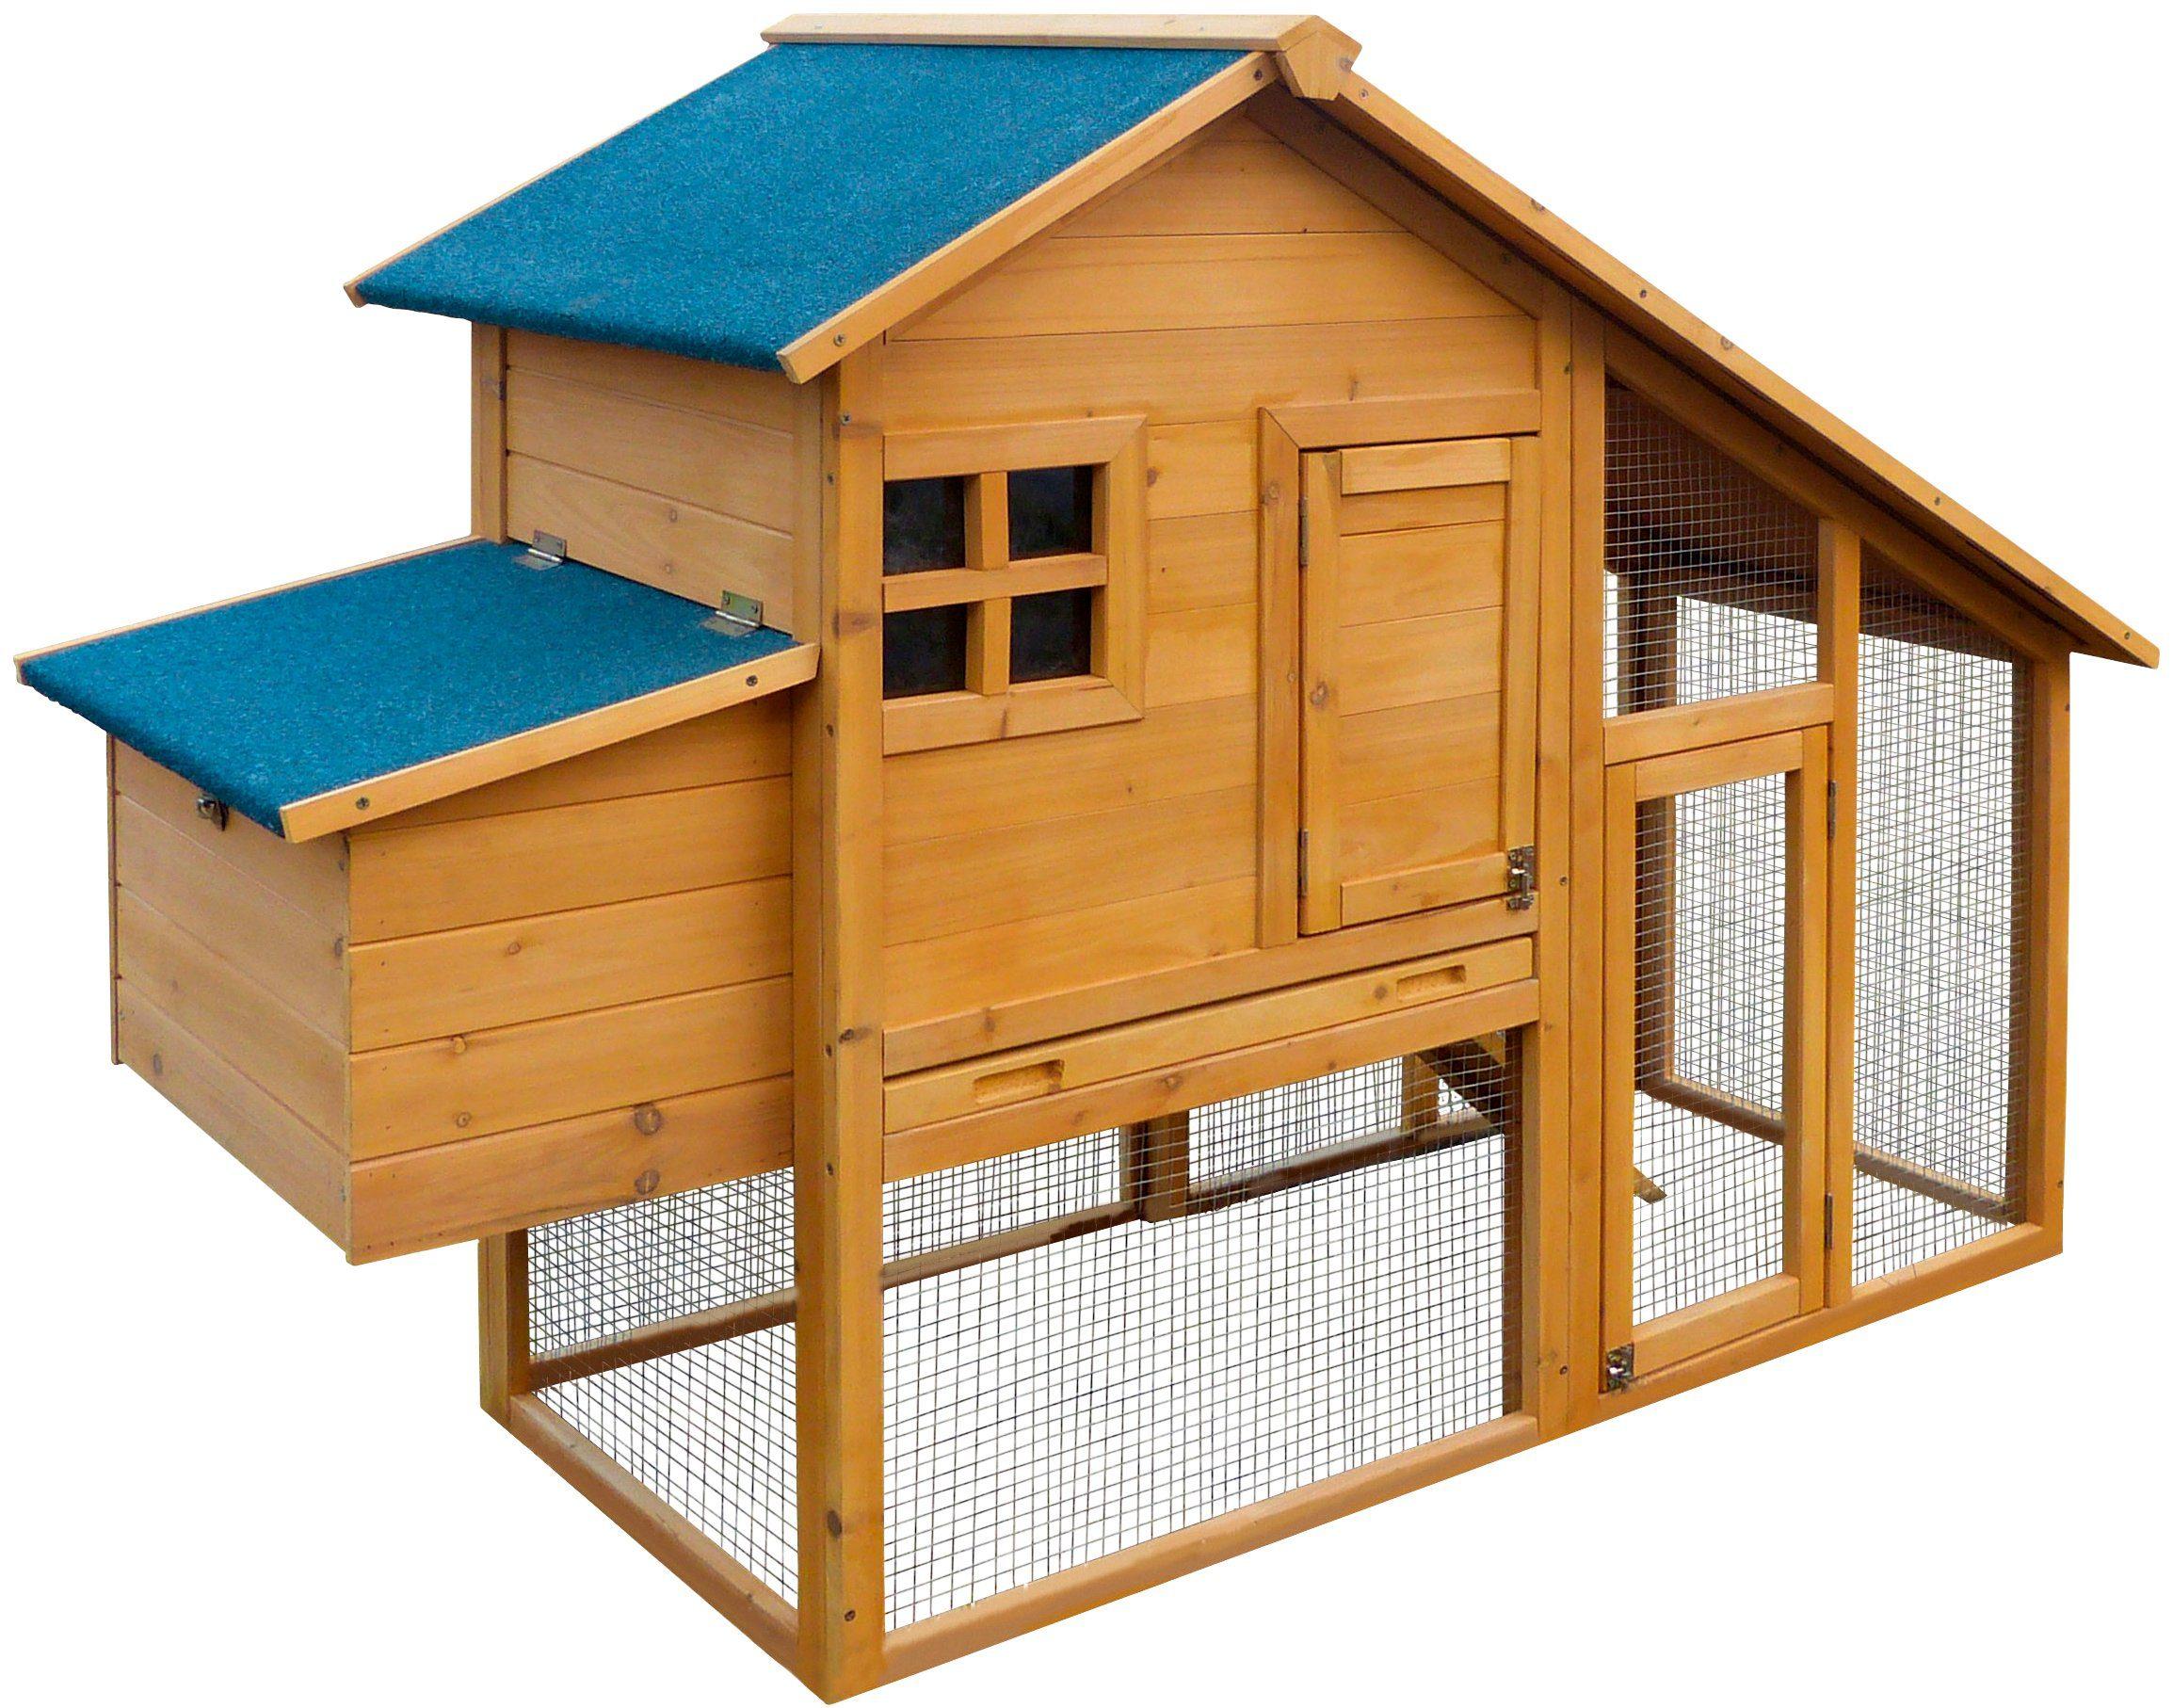 Fußboden Im Hühnerstall ~ Dobar hühnerstall bxtxh cm mit freilaufgehege